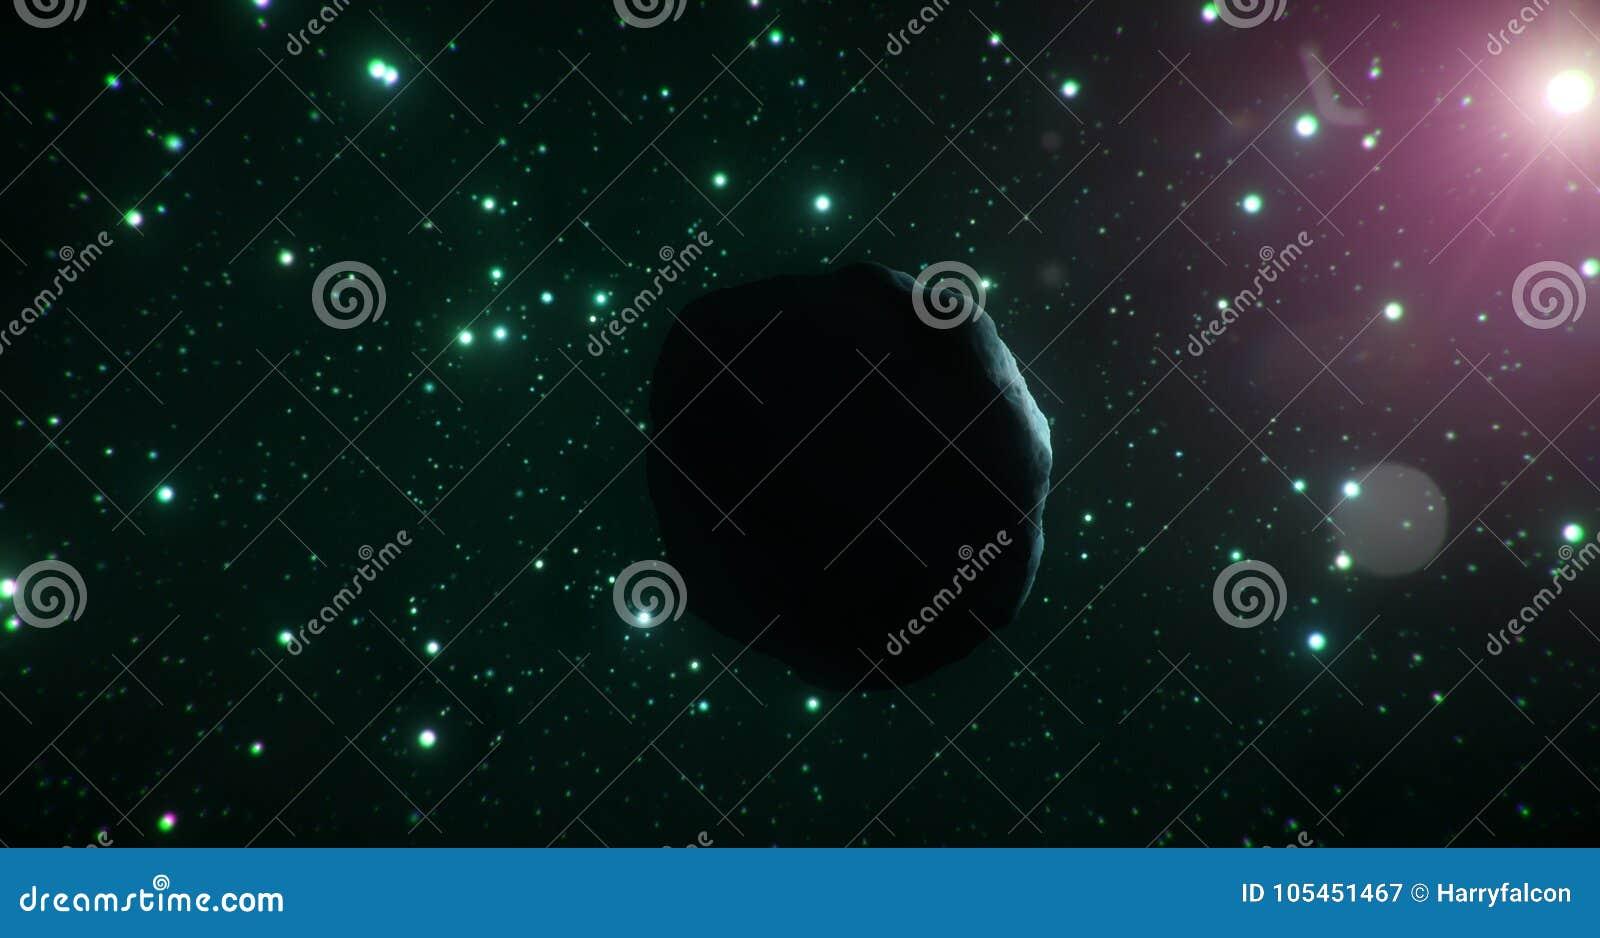 Donkere kant van een ijs stervormige reizen door de koude uitgestrektheid van ruimte op een achtergrond van groene sterren